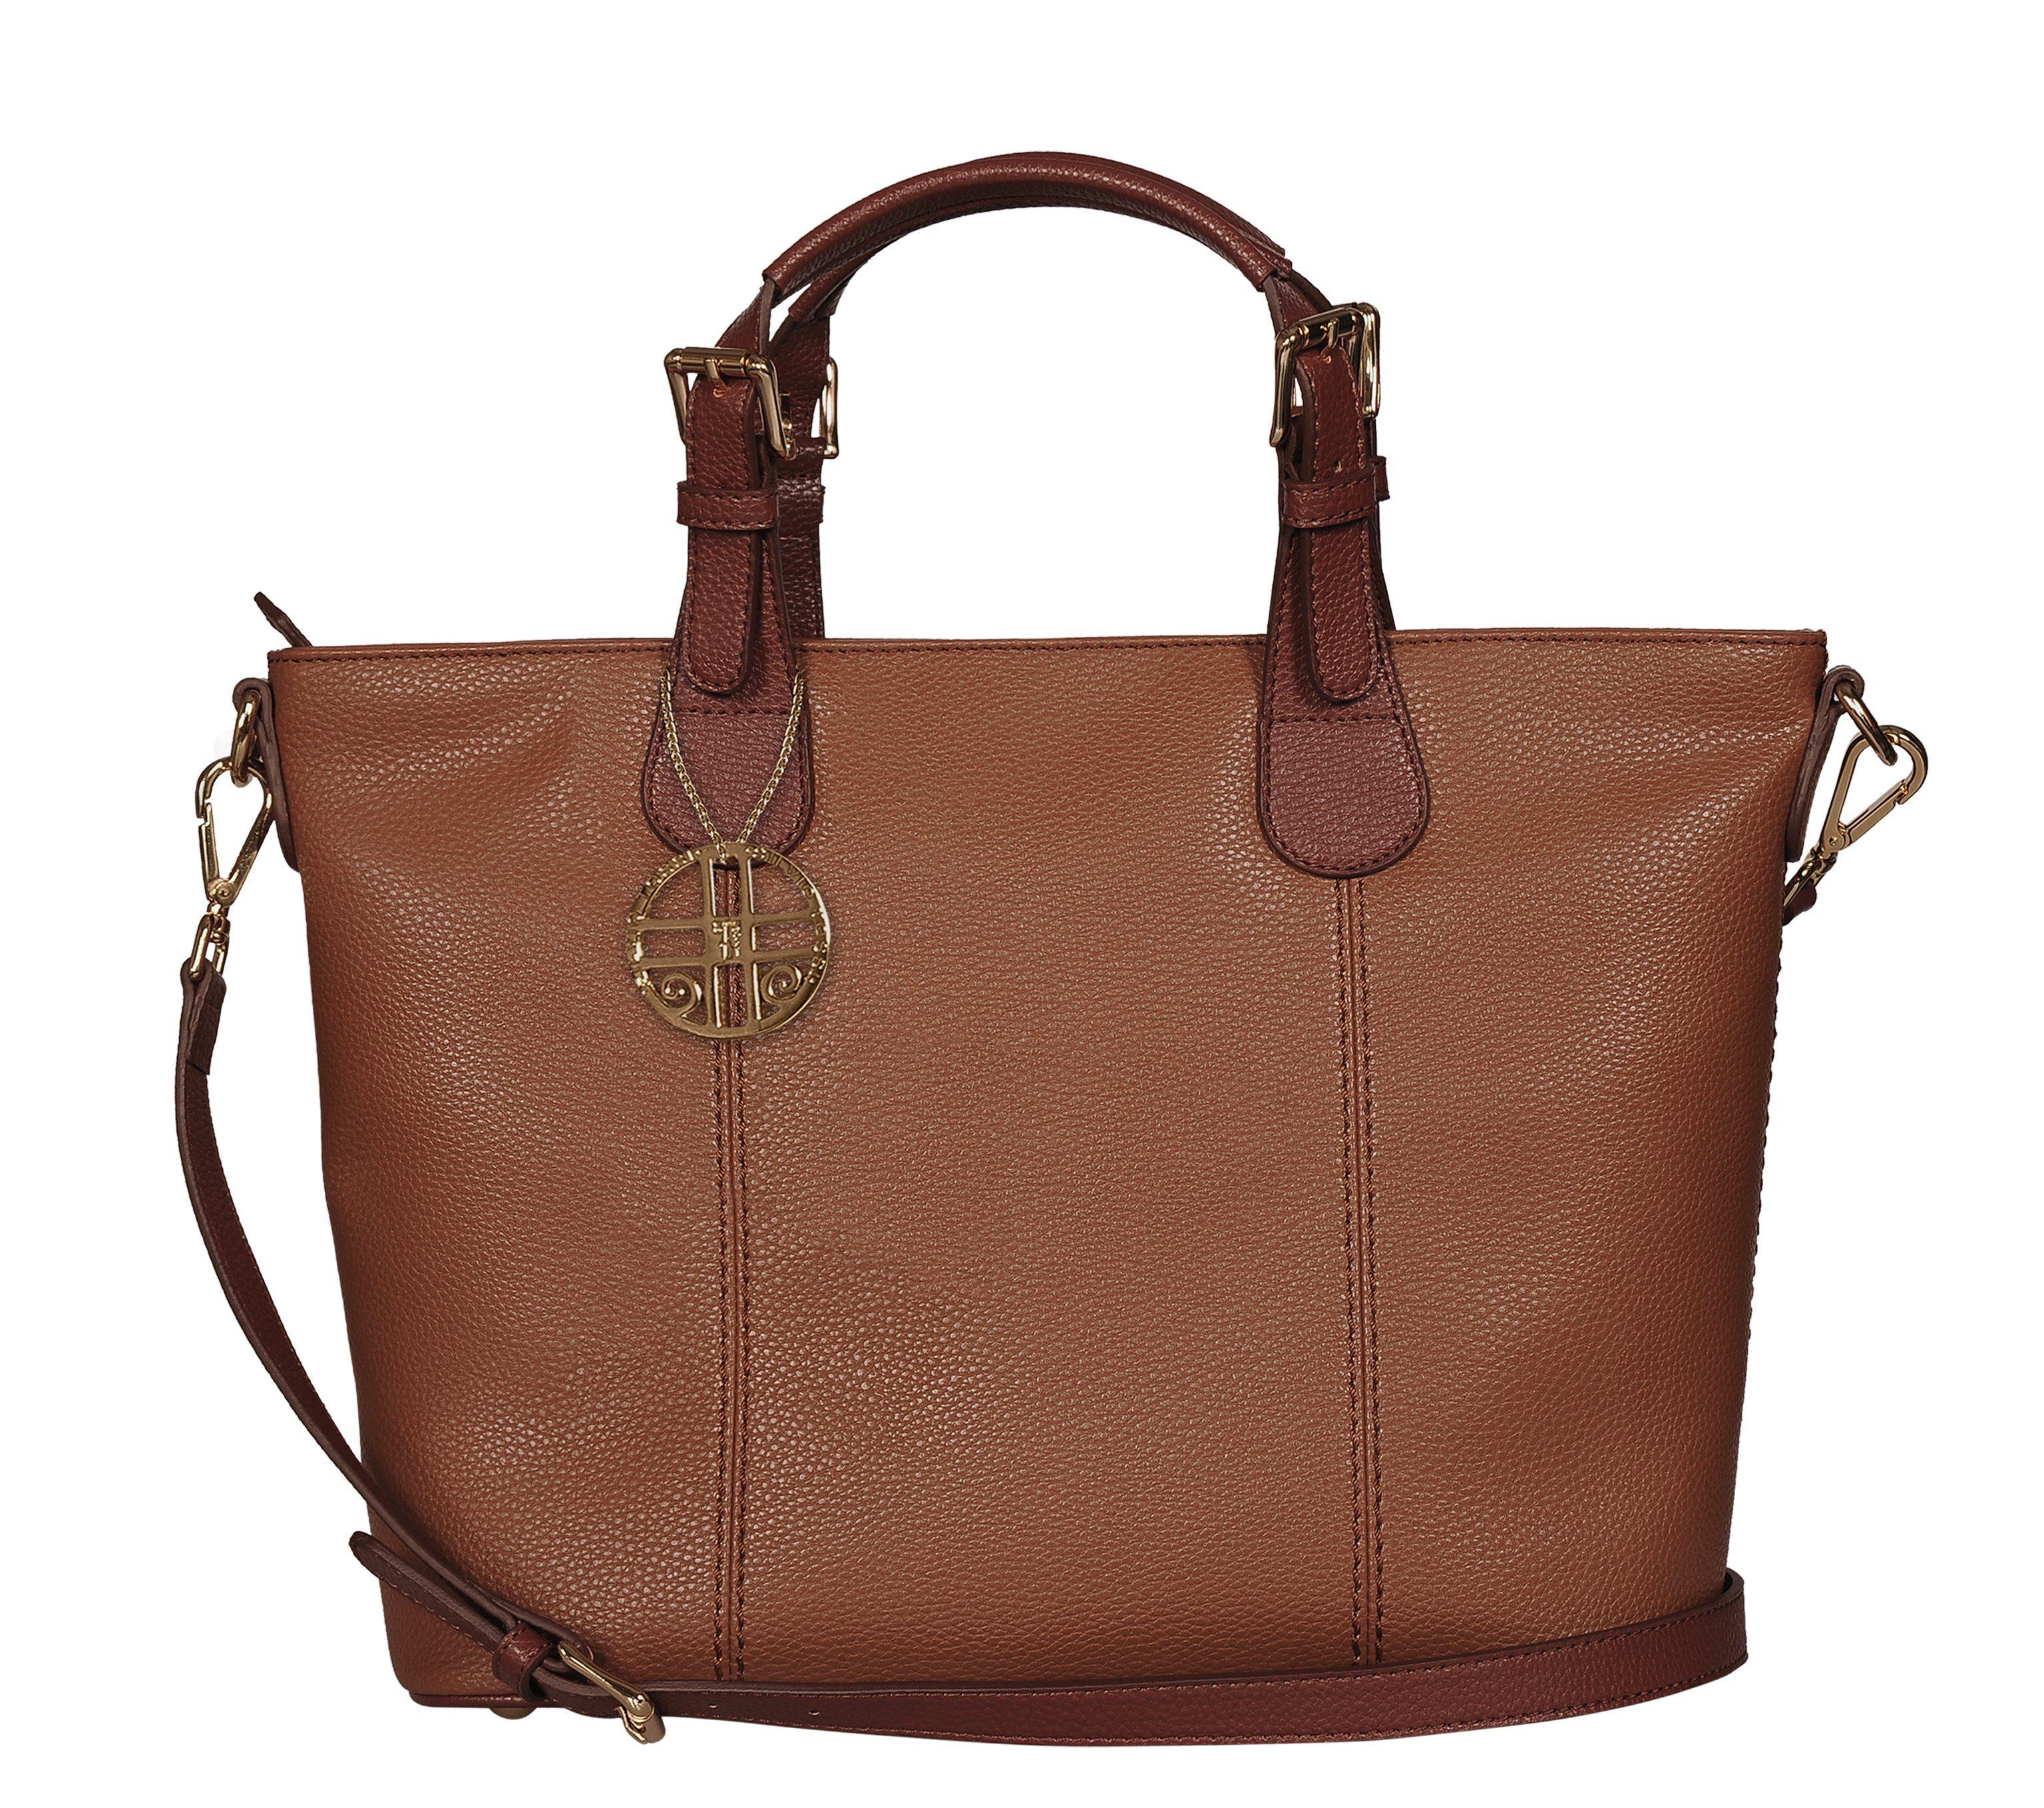 Silvio Tossi Handtasche mit extra Spezialschutz